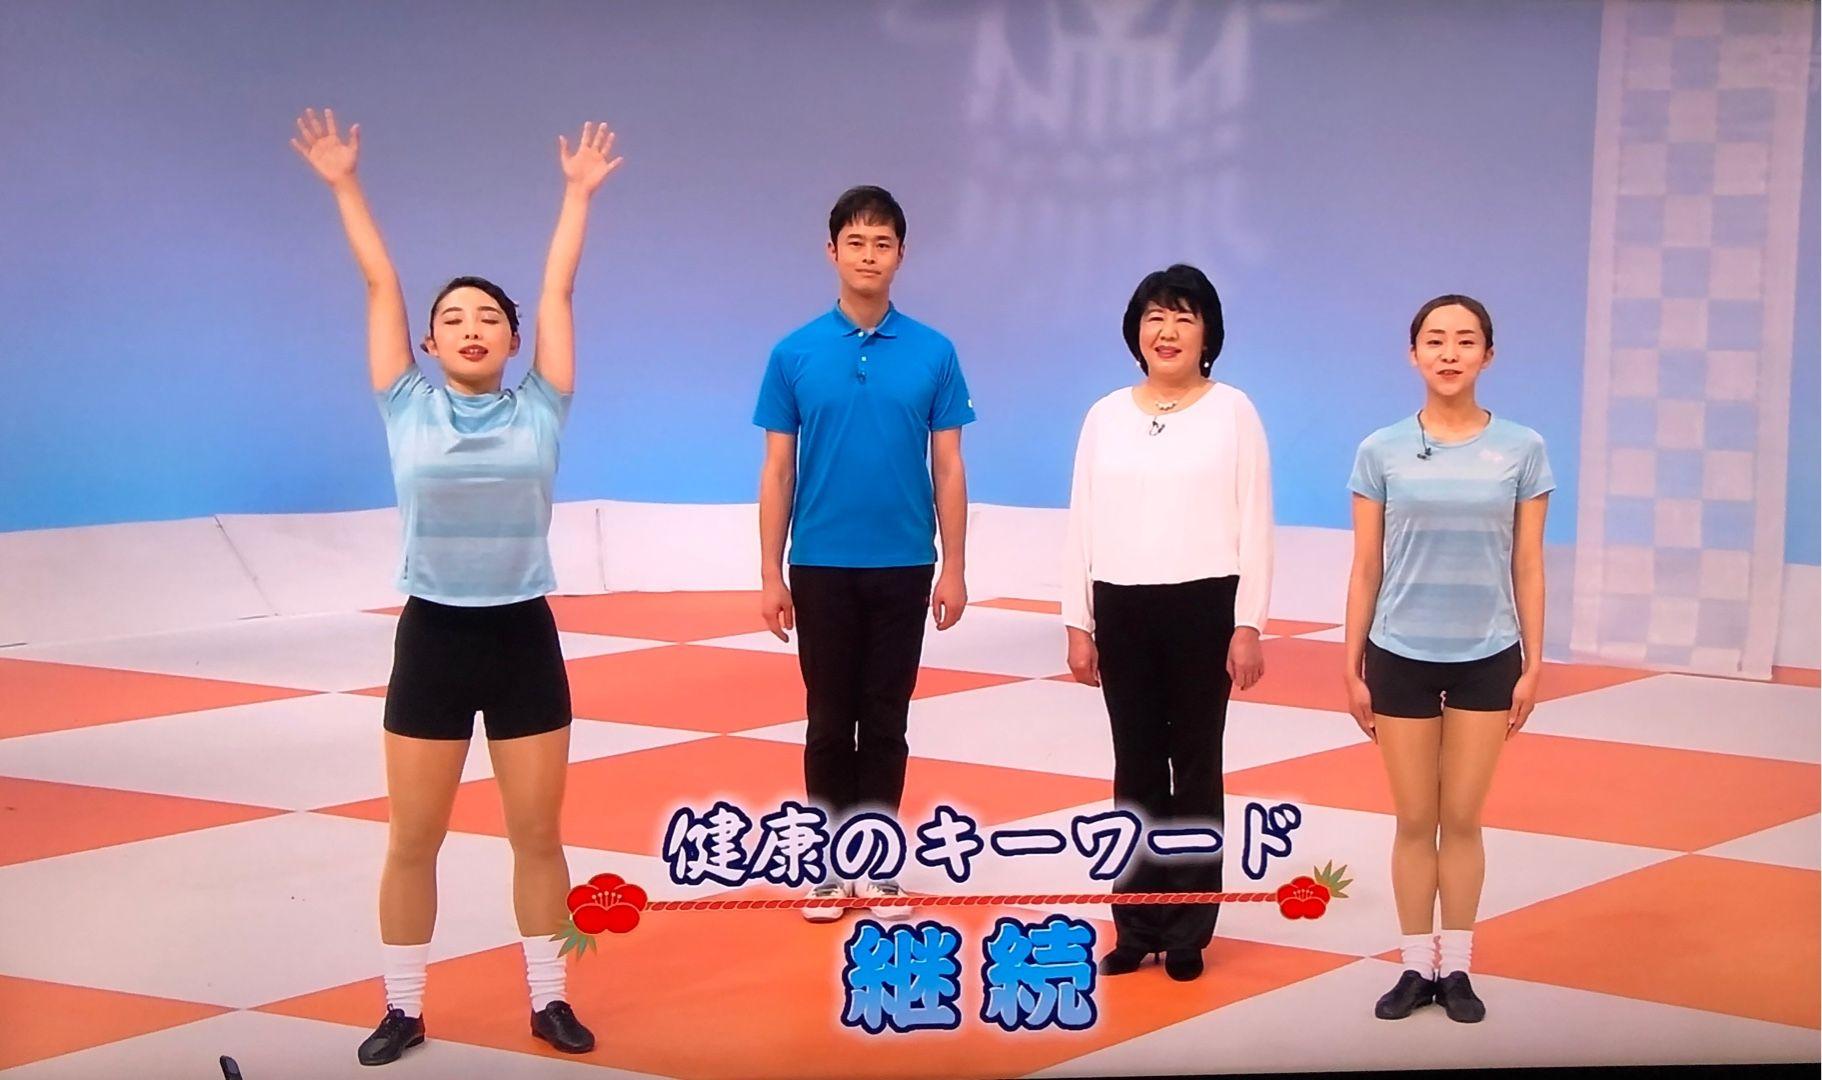 体操 テレビ